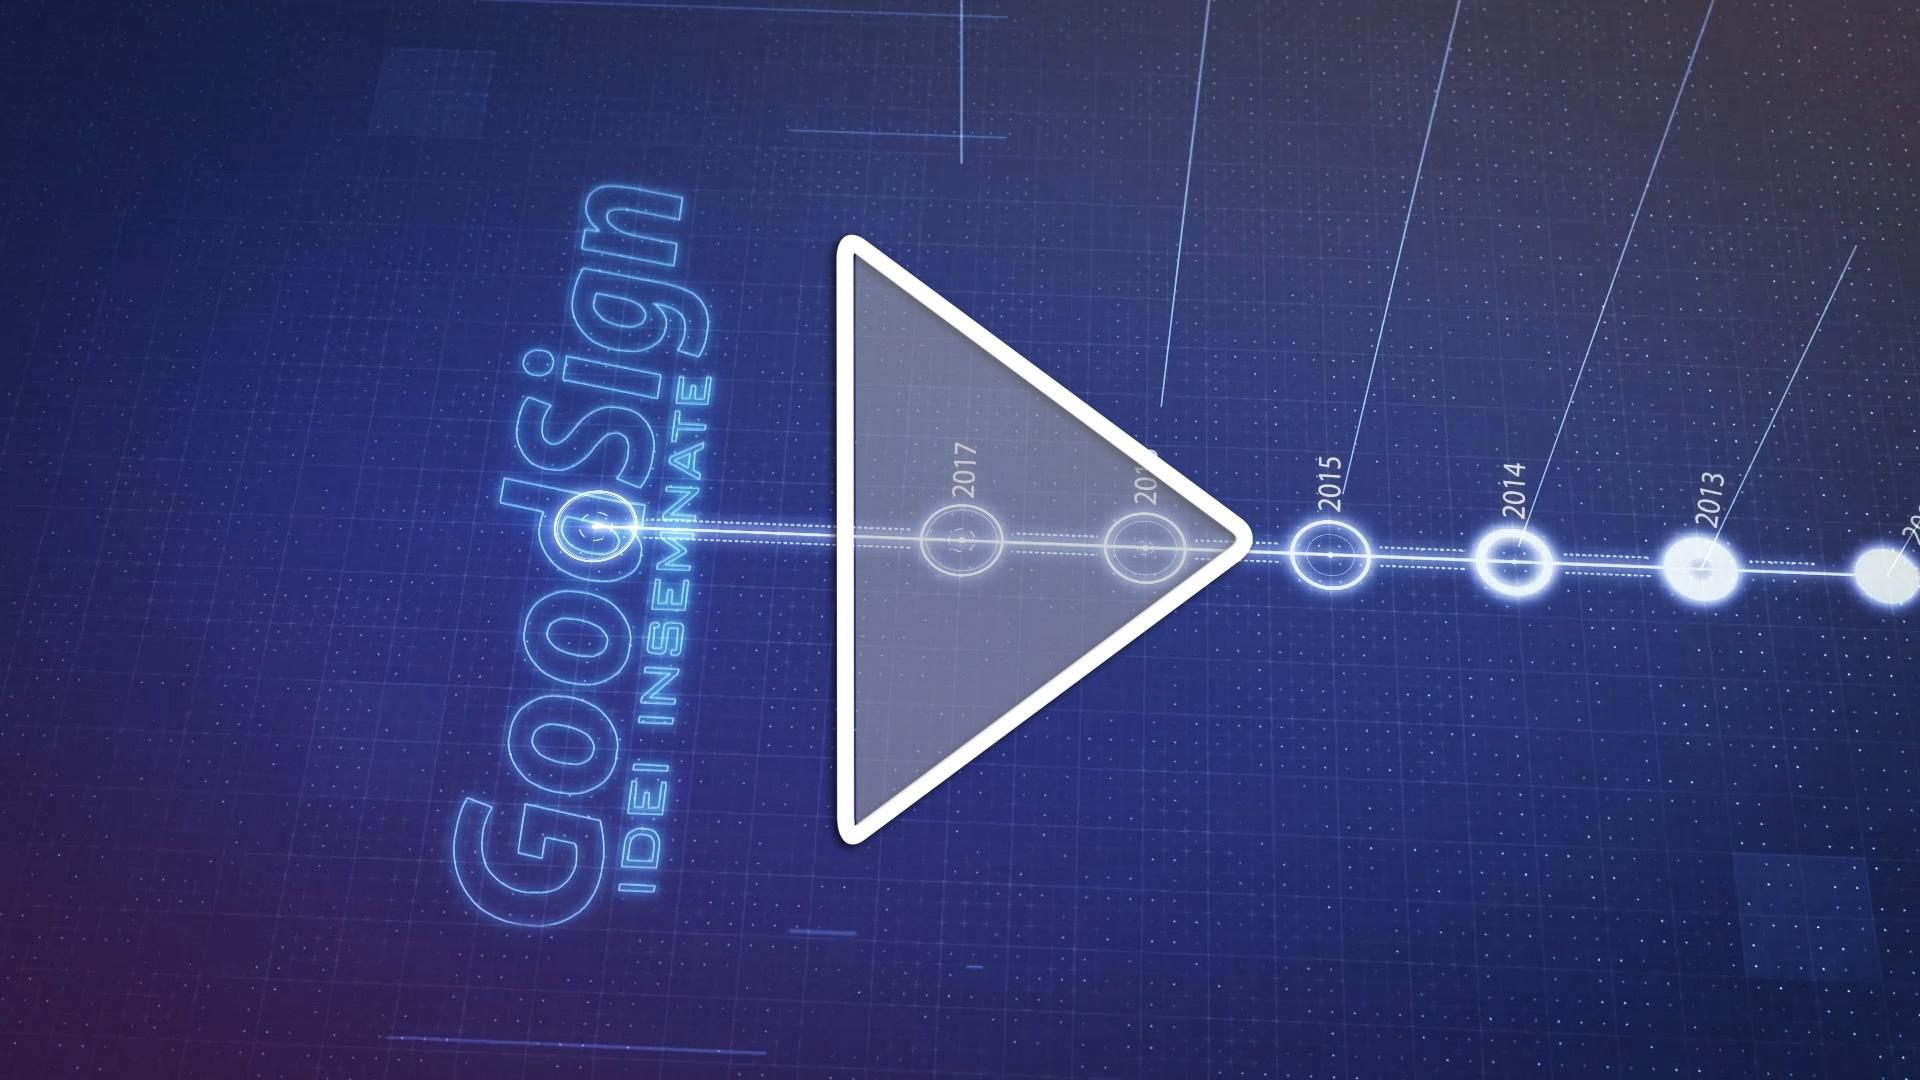 20 de ani de colaborare GoodSign - Algernon in 62 secunde